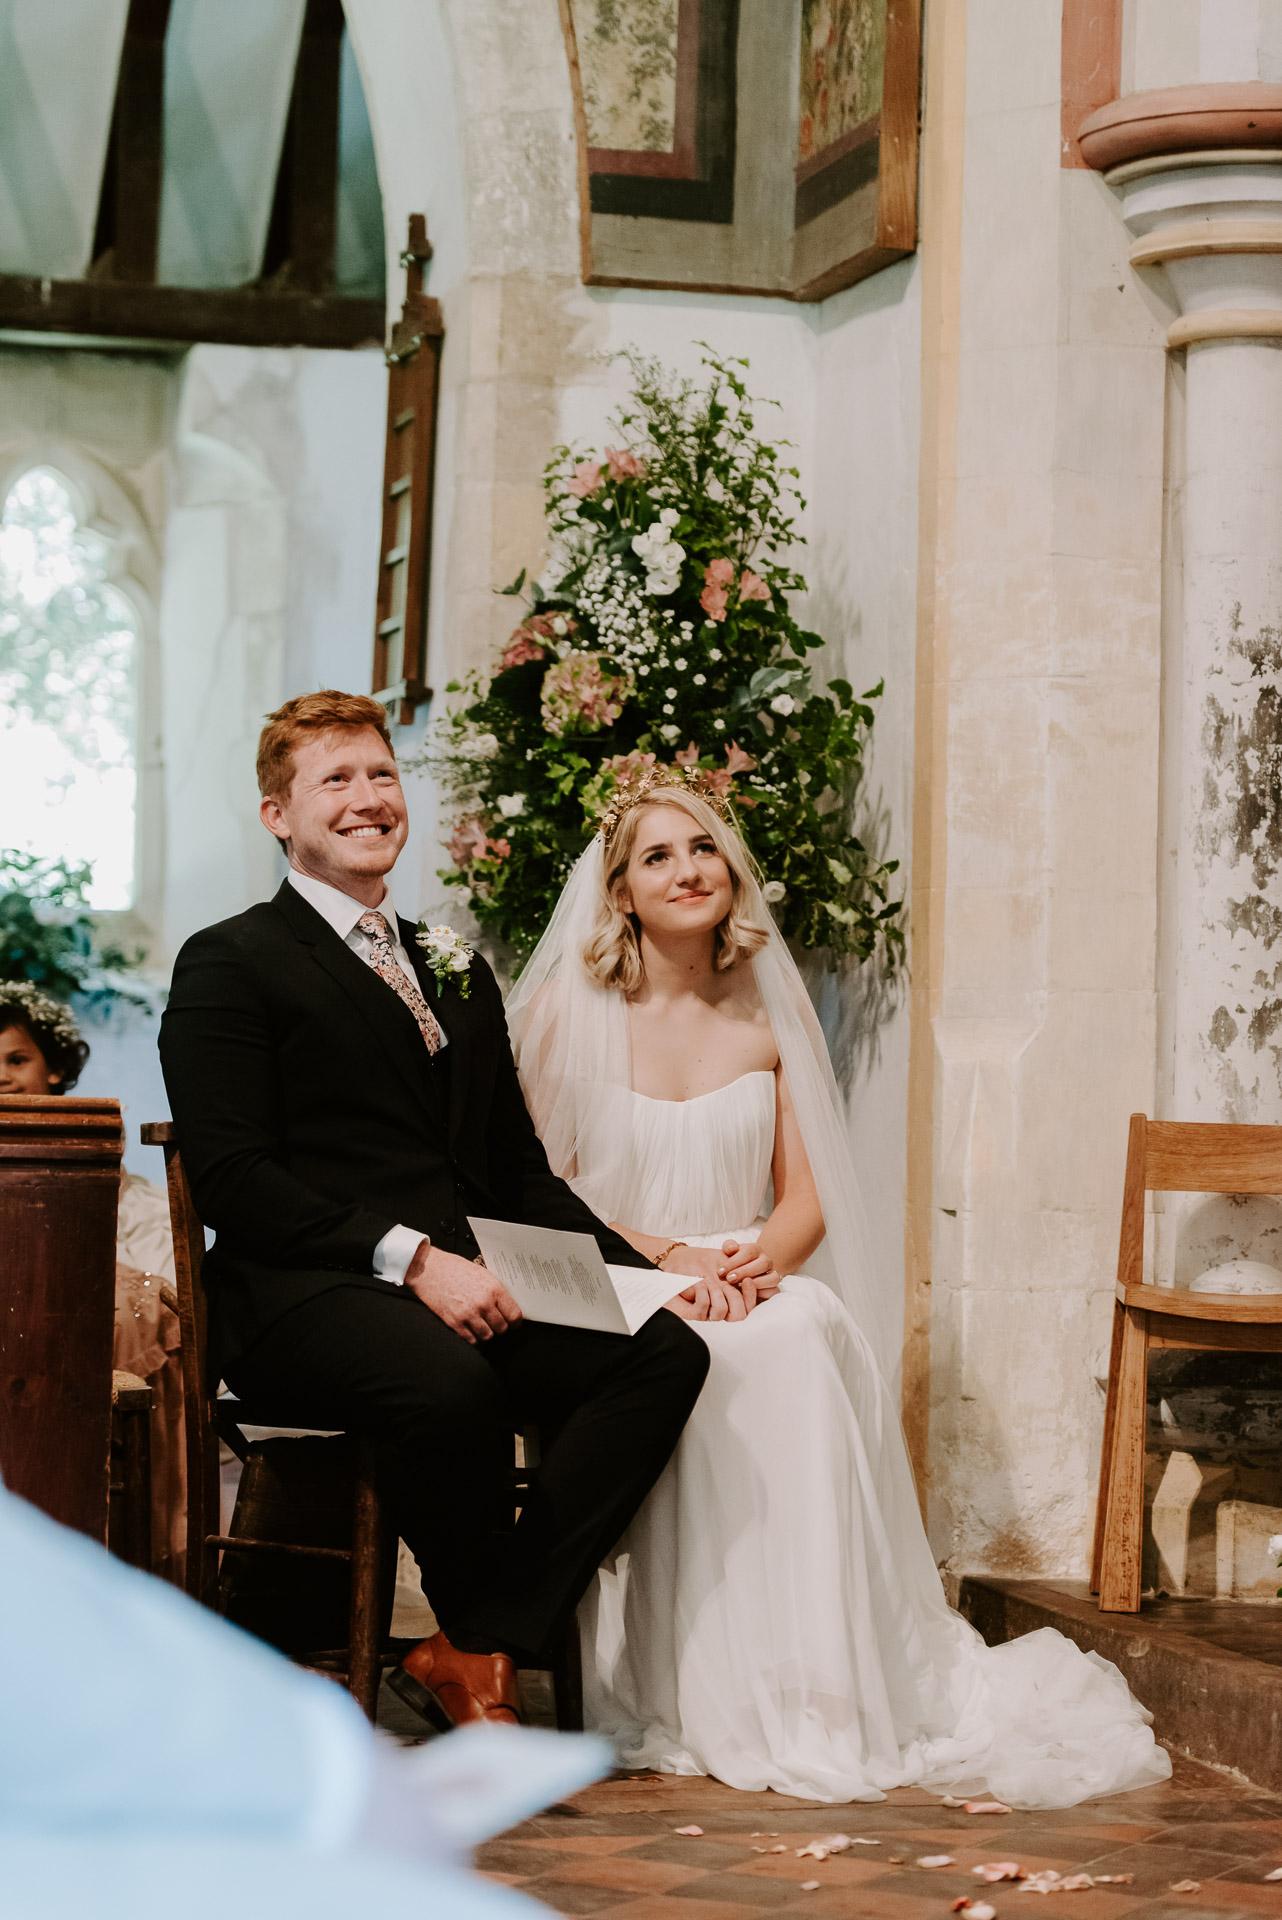 Henny_Jamie_East Sussex_Wedding_27.jpg